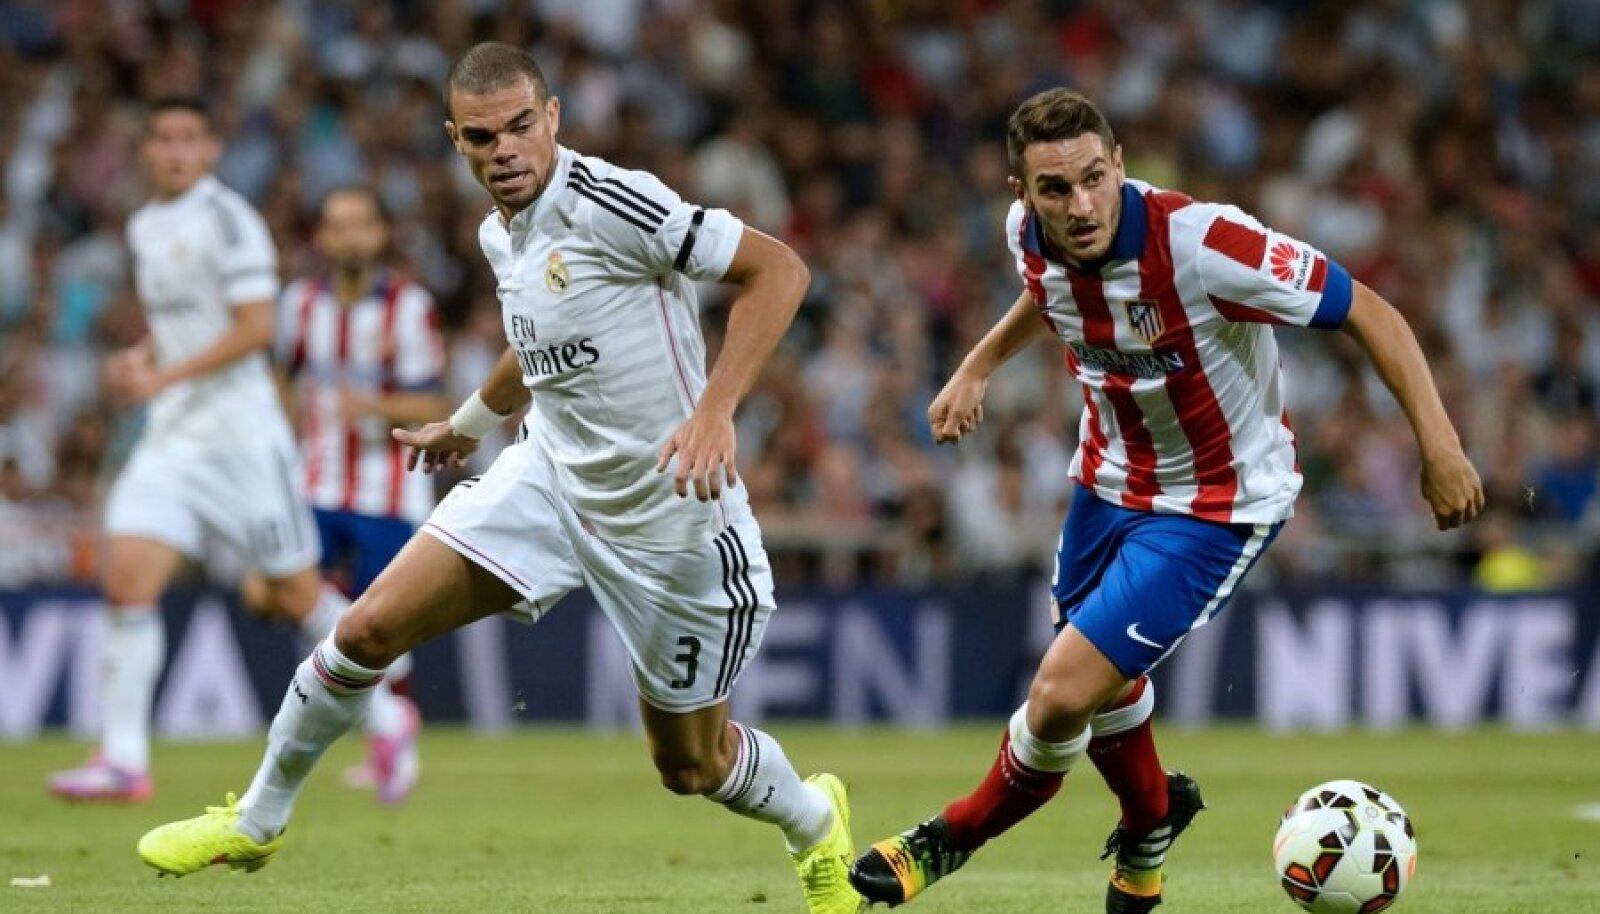 Kohtumine Madridi Real - Madridi Atletico